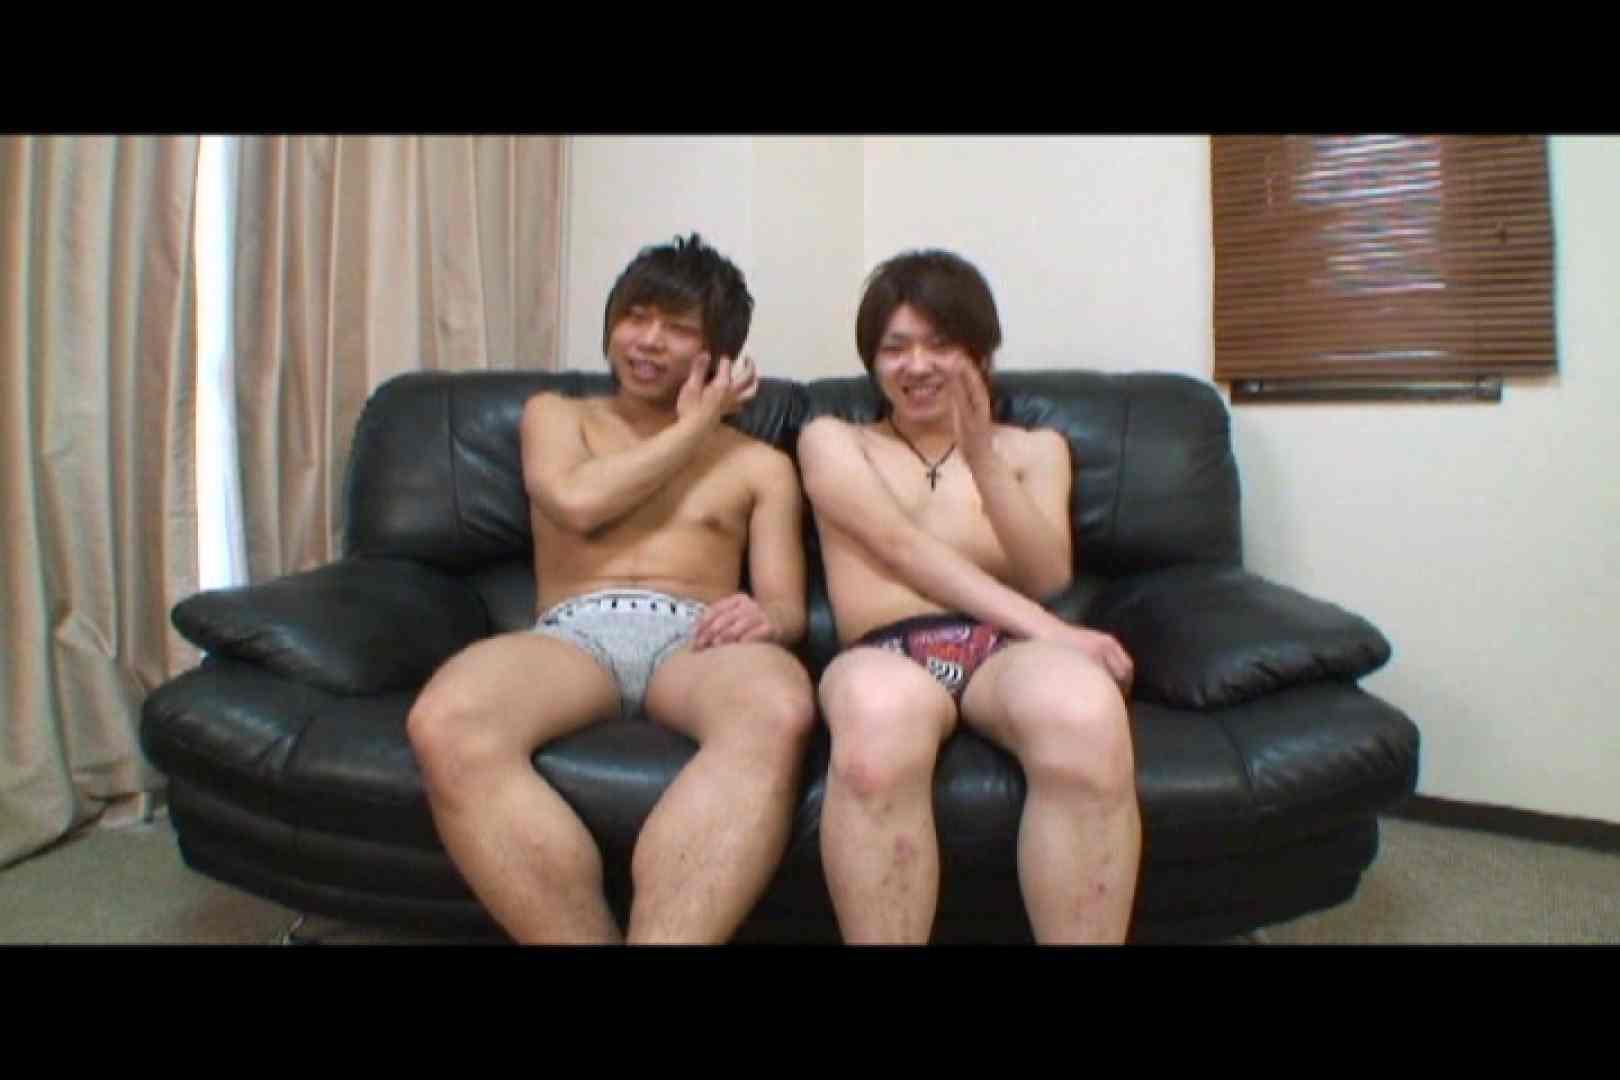 コンビネーションBoys!vol.01 エッチ ゲイアダルトビデオ画像 55pic 41